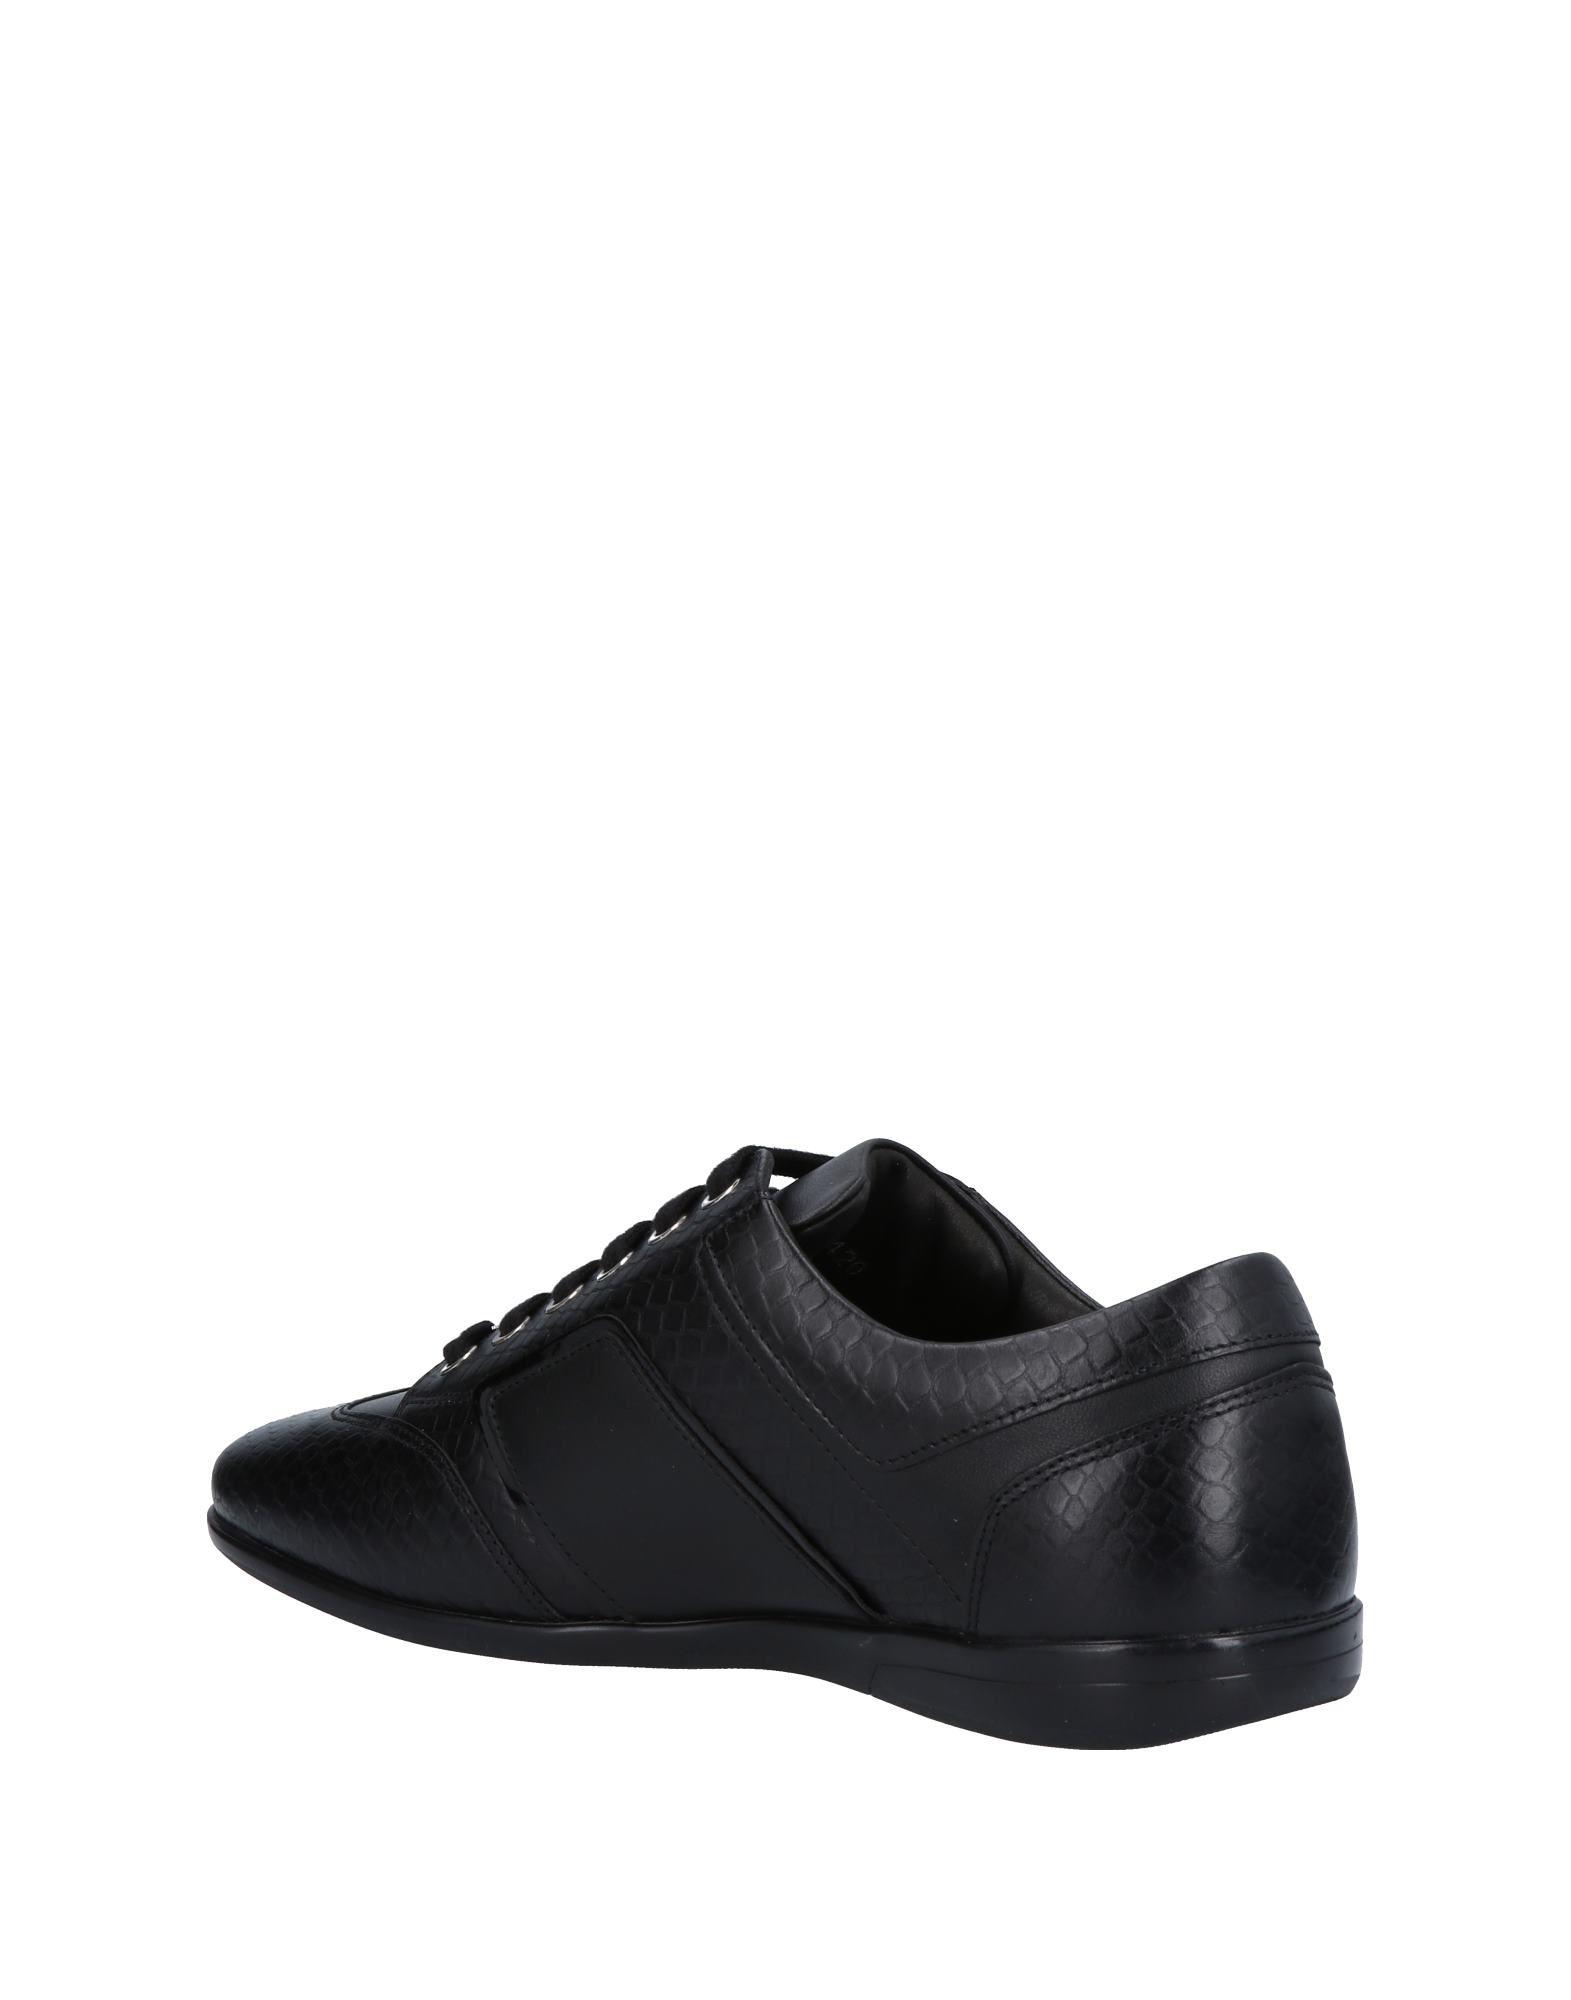 Rabatt echte Schuhe Herren Versace Collection Sneakers Herren Schuhe  11463652DP 7c242c